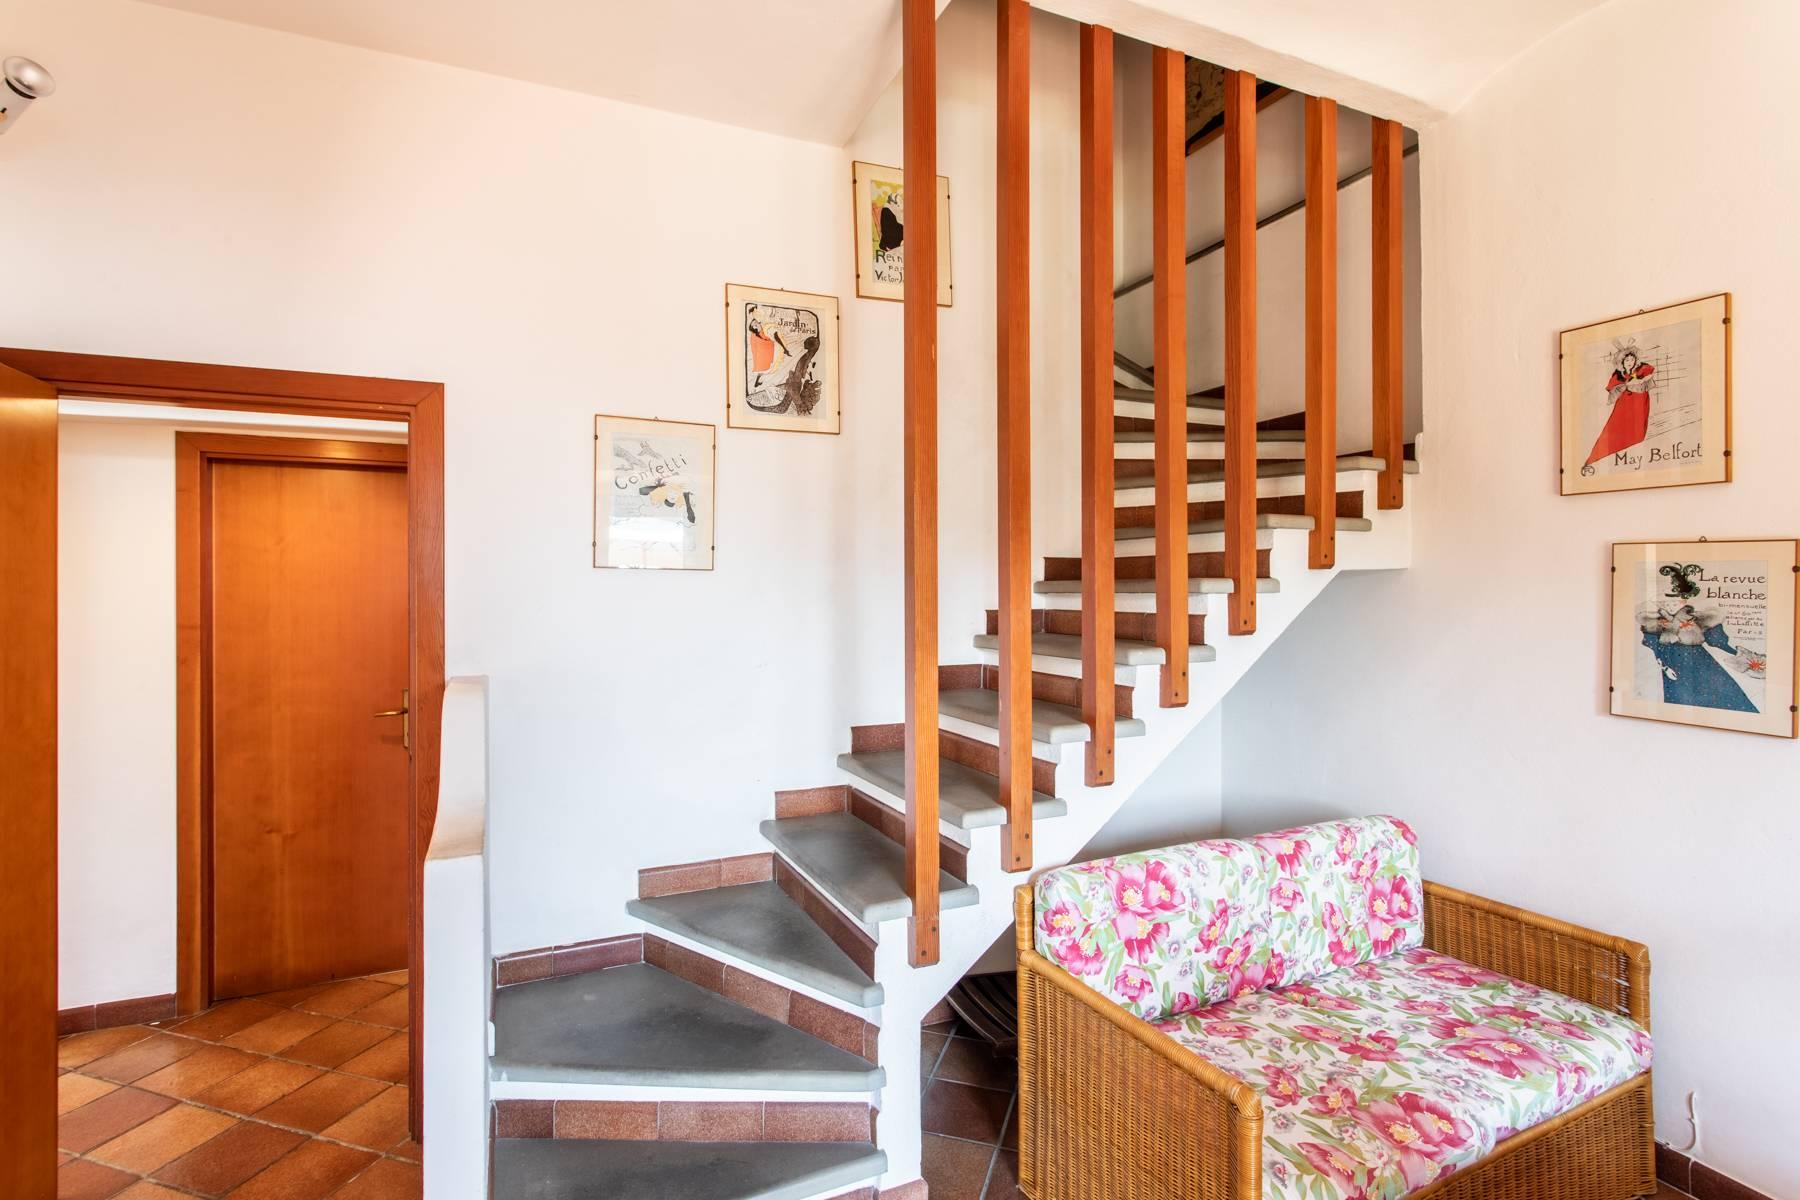 Villa in Vendita a Monte Argentario: 5 locali, 140 mq - Foto 20